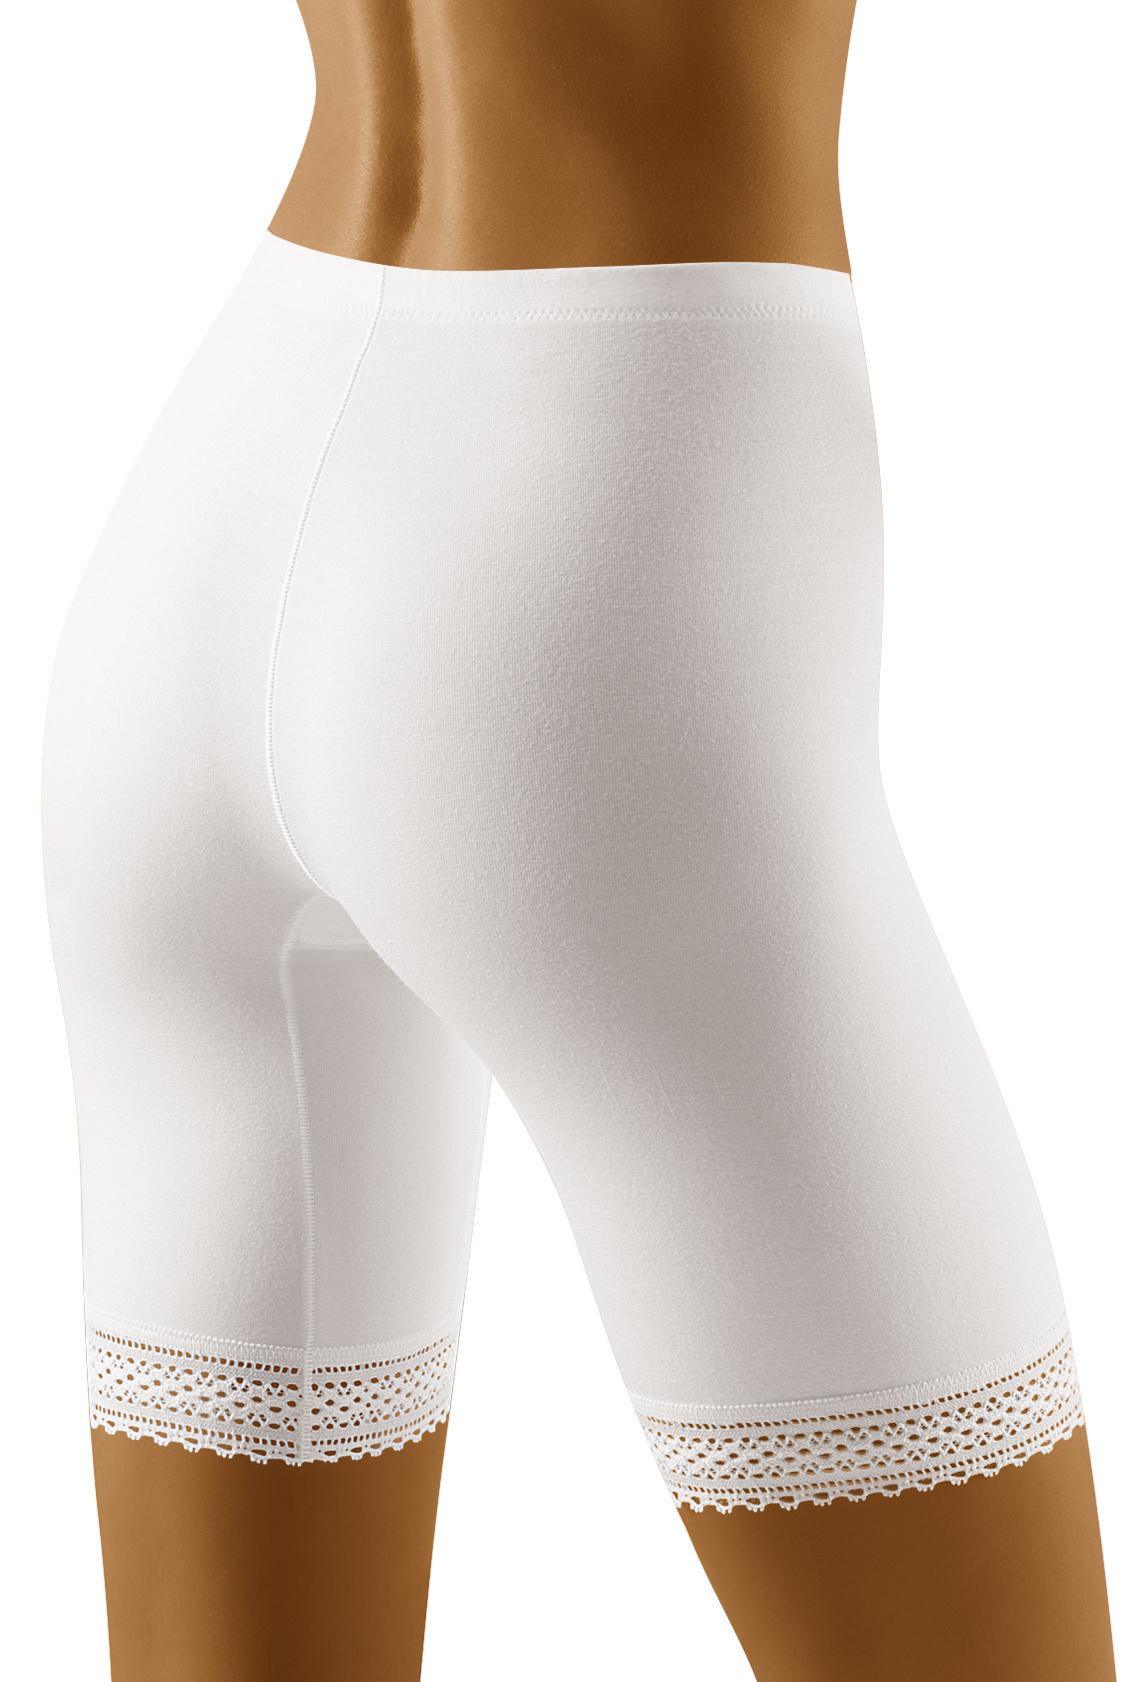 3fae9843551 Dámské nohavičkové kalhotky Rona bílé Dámské nohavičkové kalhotky Rona bílé